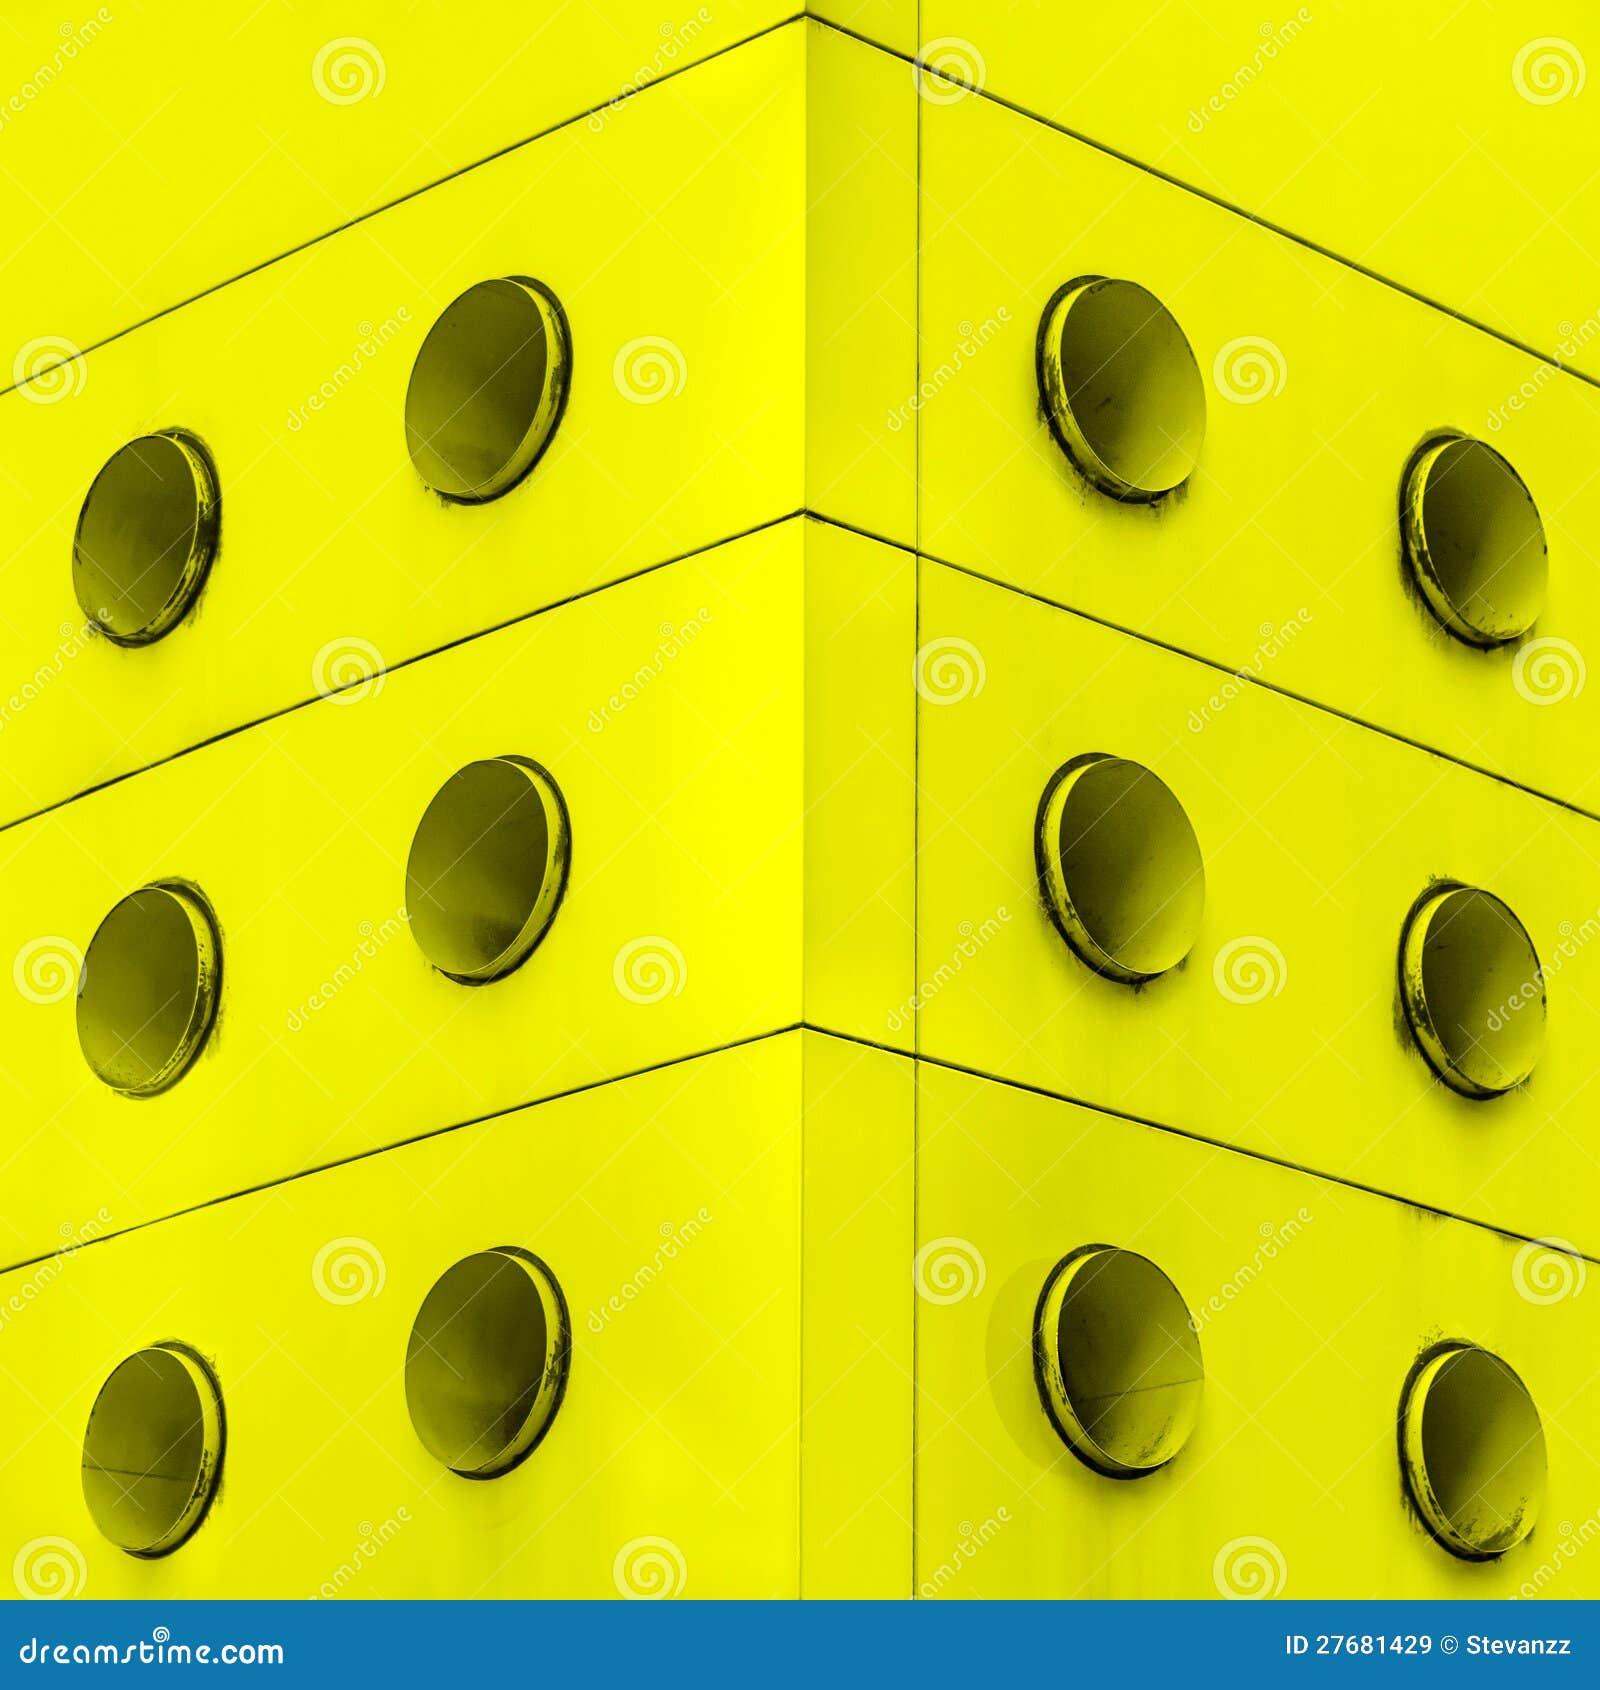 Respiradouros interiores amarelos da sujeira do sumário da arquitetura.